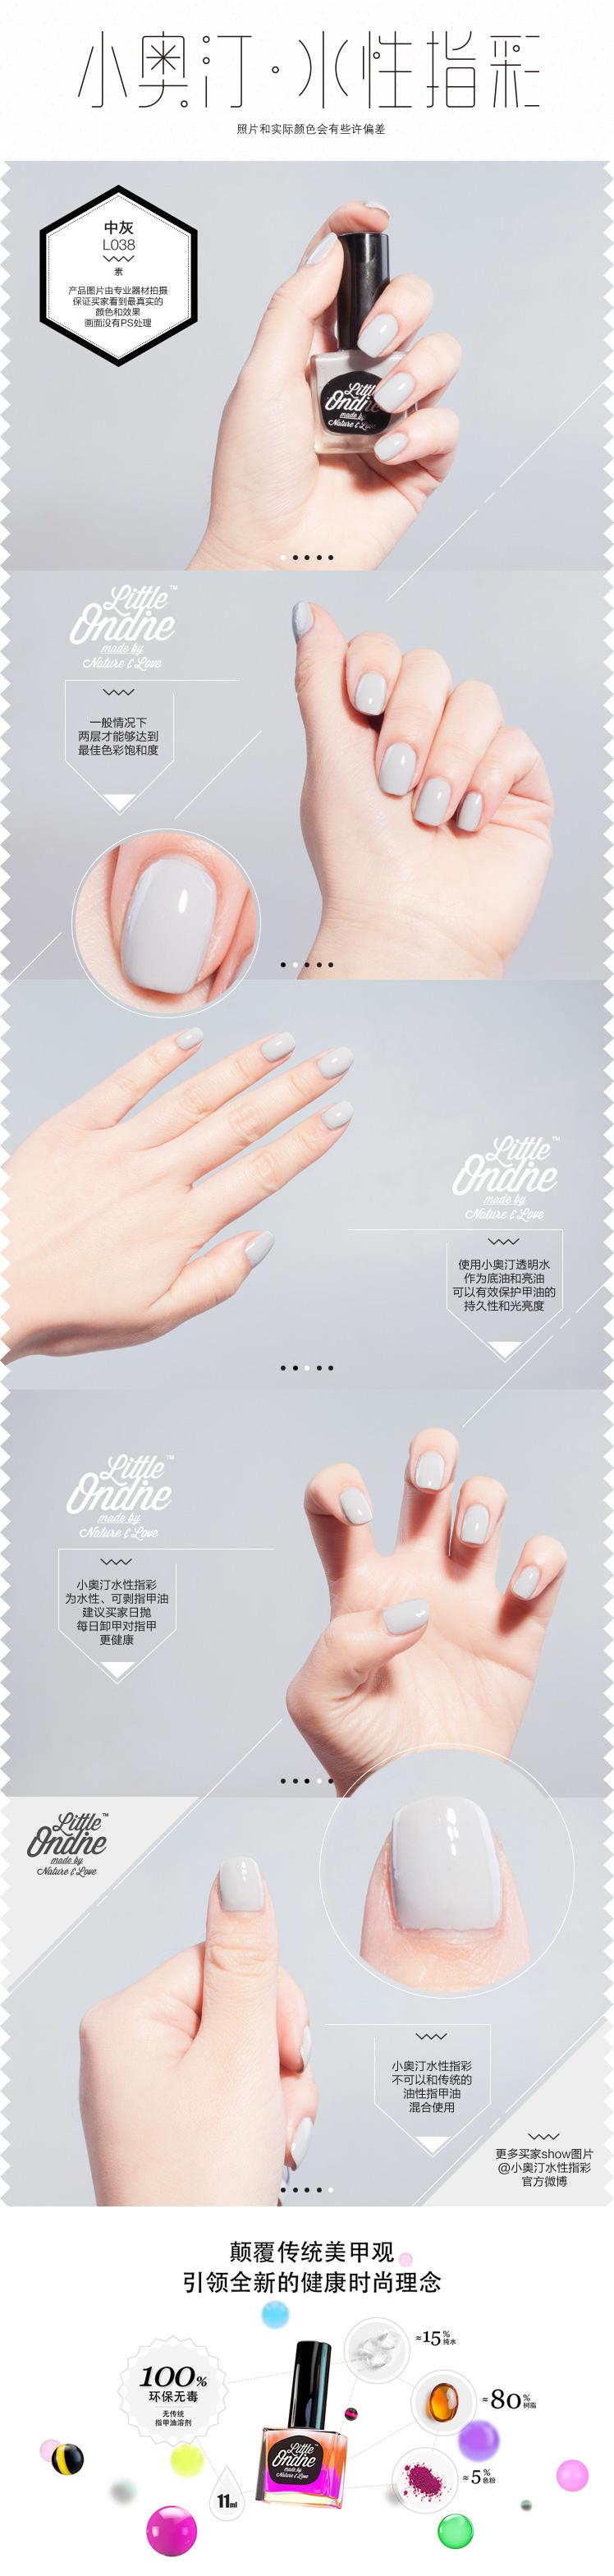 水性指彩-50度灰素L038 | 天然环保不刺鼻 不伤指甲